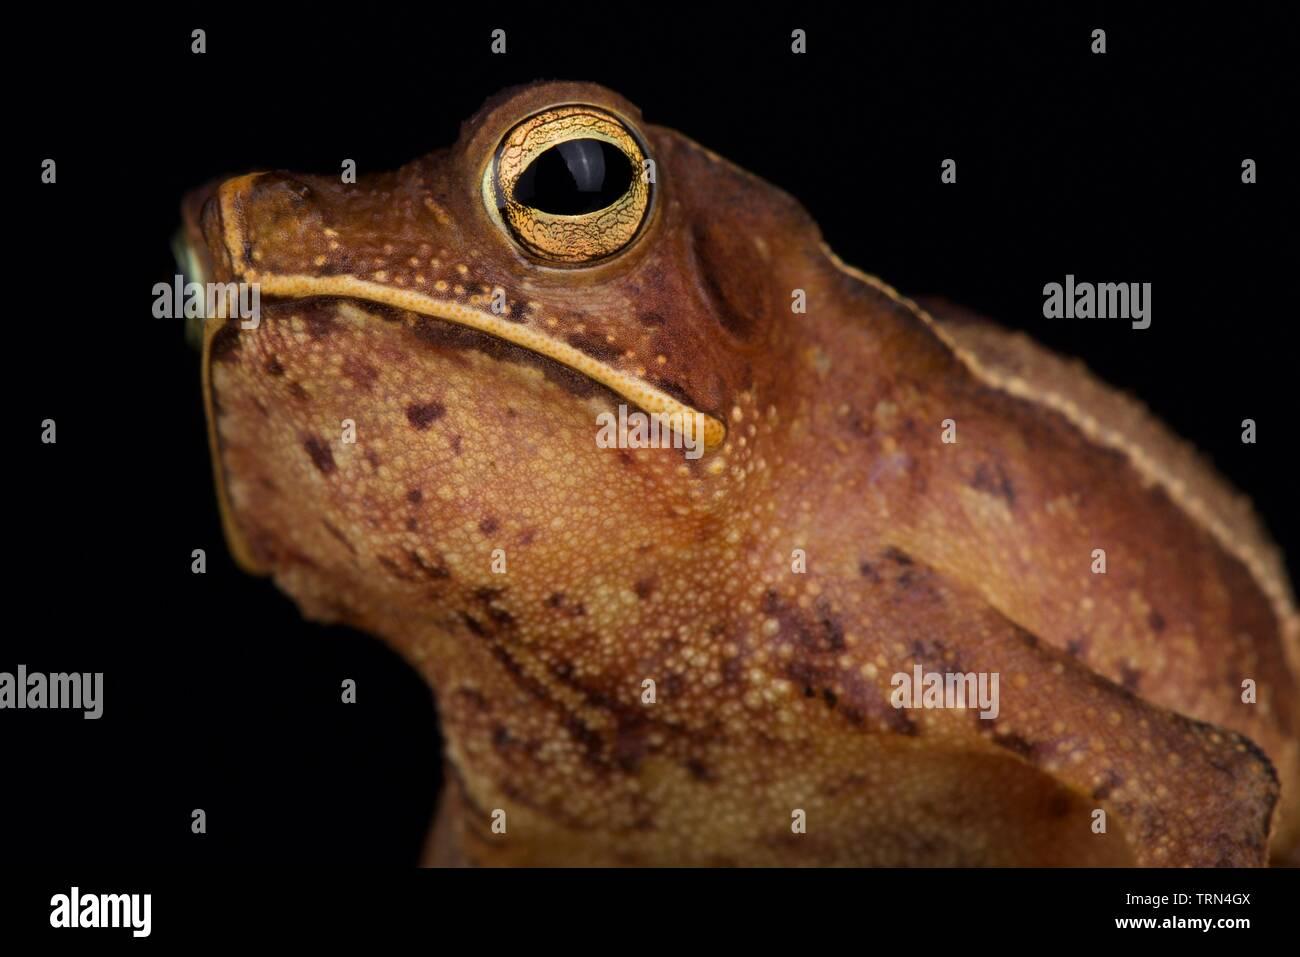 Guiana shield leaf toad (Rhinella lescurei) male - Stock Image